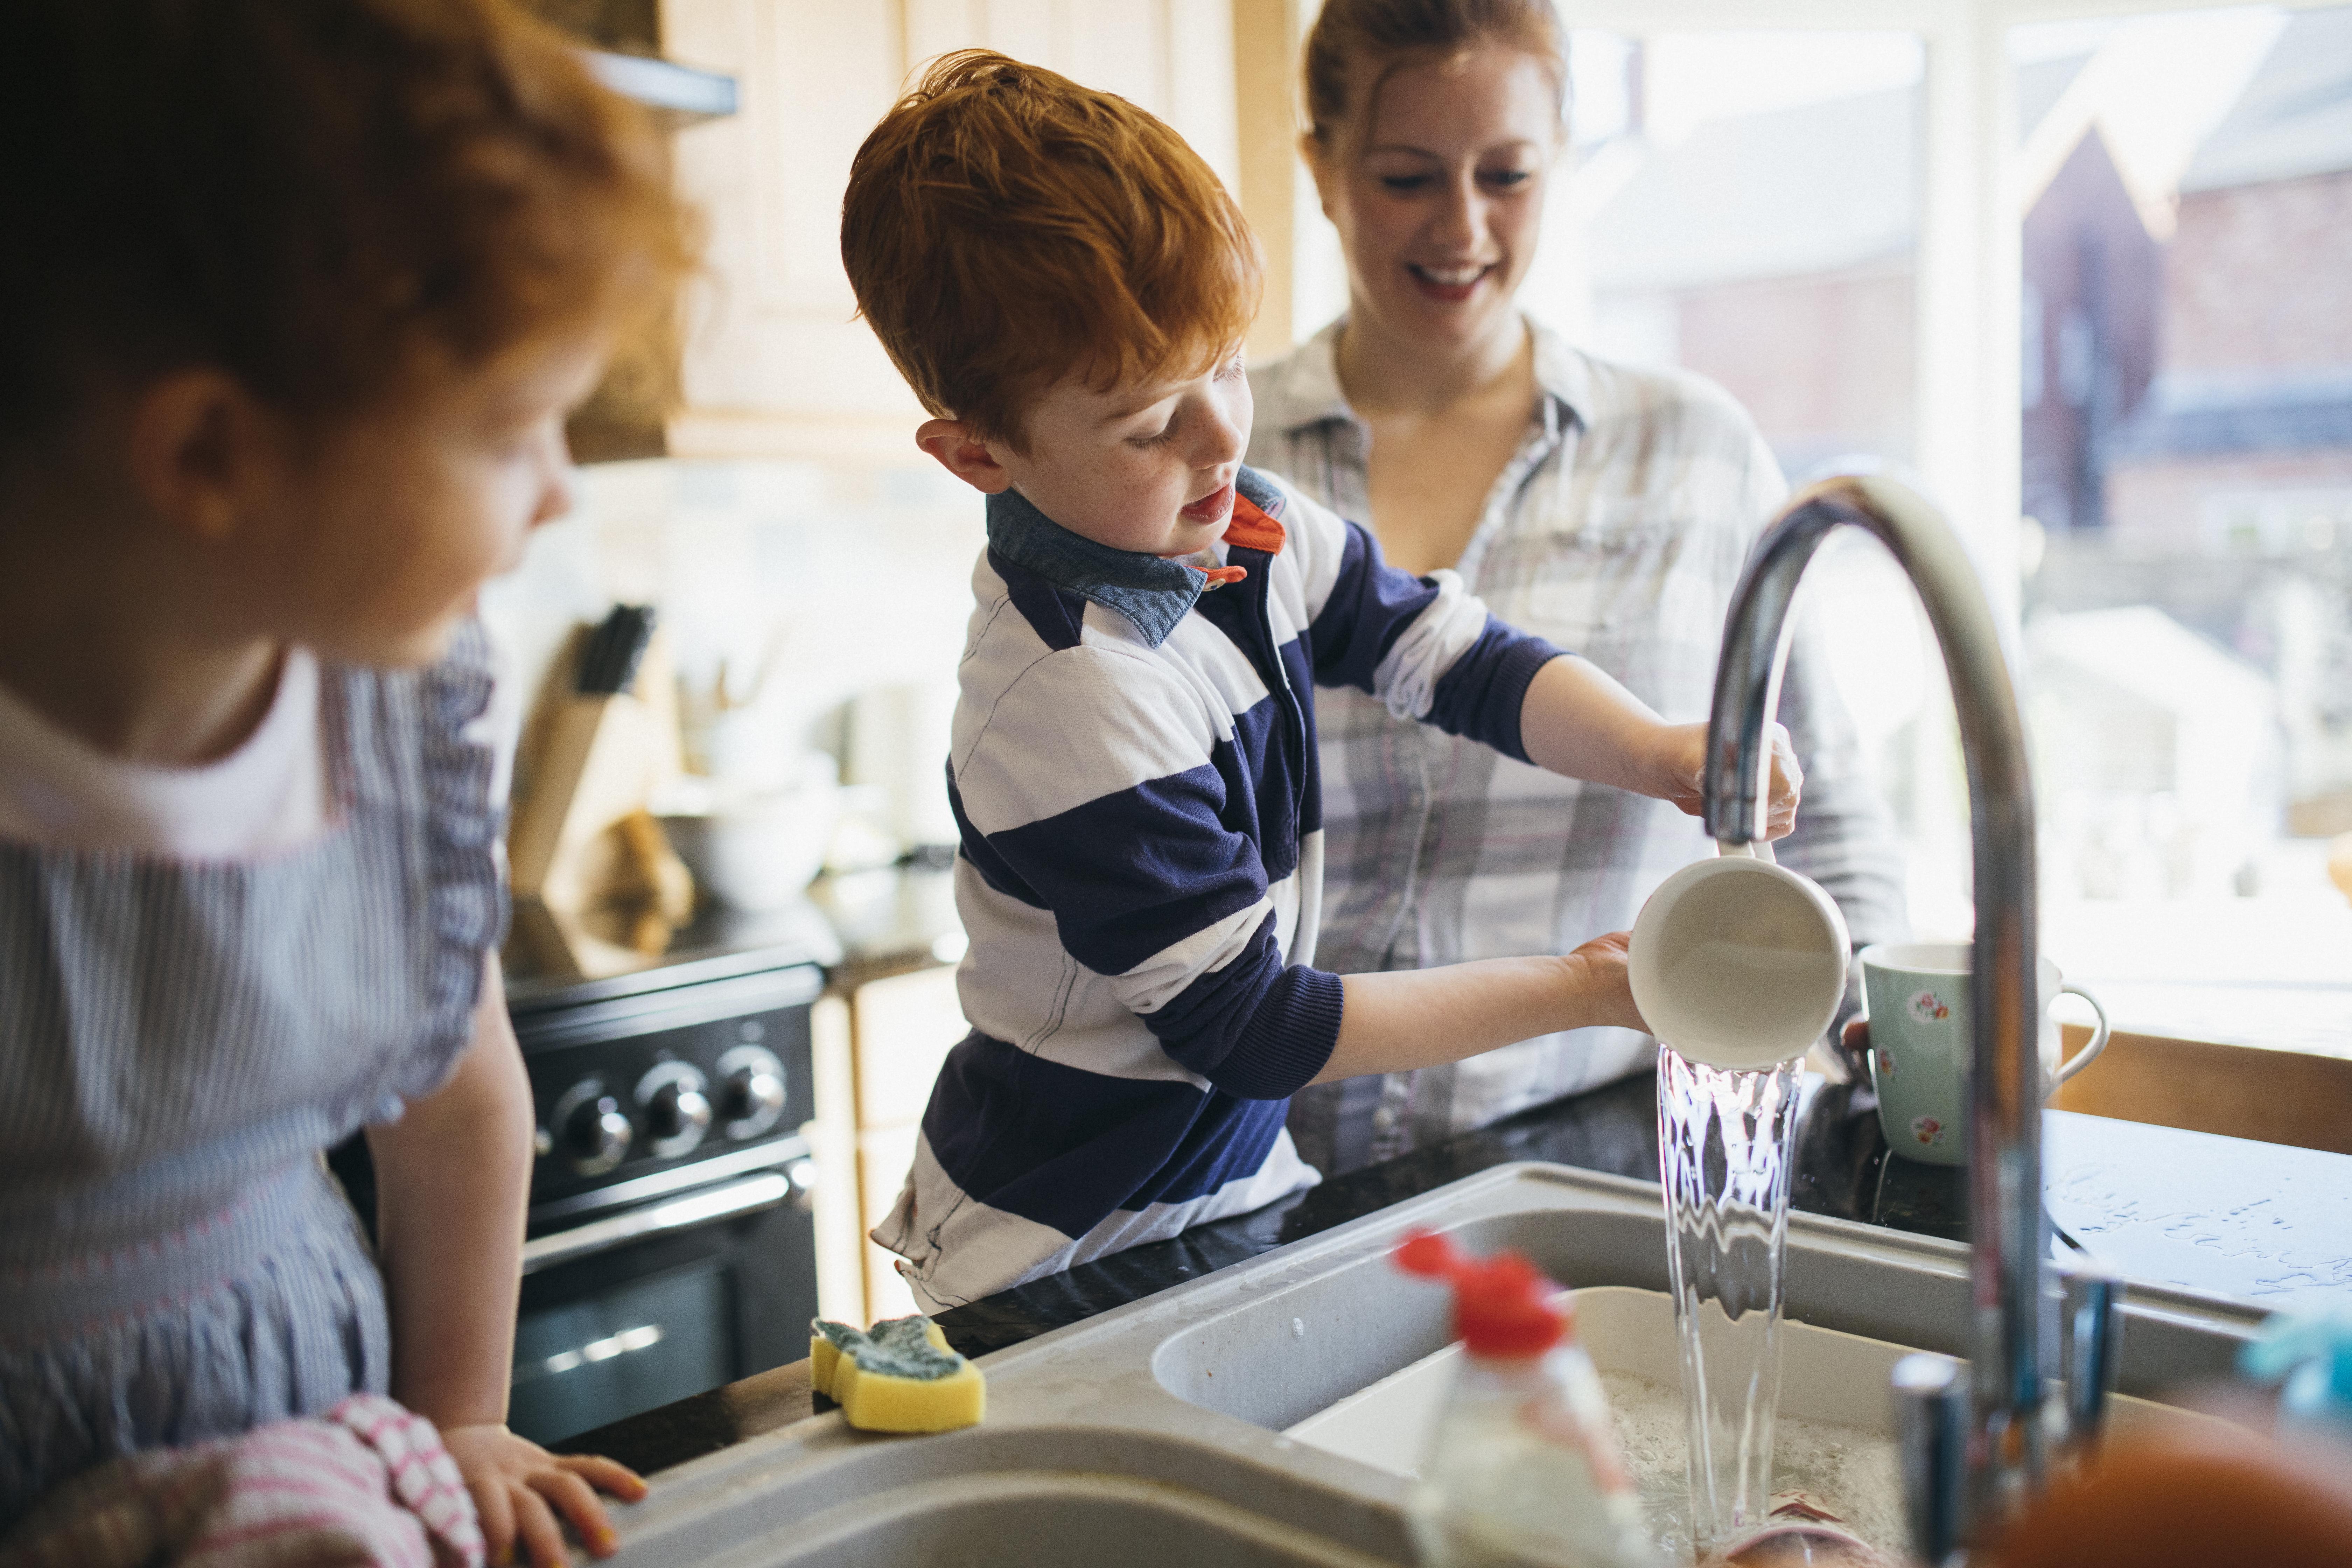 <p>Научени сме още от малки: ръцете задължително се мият преди ядене. Същото важи и за готвенето. Дори с по-голяма сила, защото когато готвим, можем да замърсим с бактерии храната, която после ще ядат всички. Правилното миене на ръцете трае поне 30 секунди. Добре трябва да се насапунисат и сгъвките между пръстите, както и ноктите.</p>